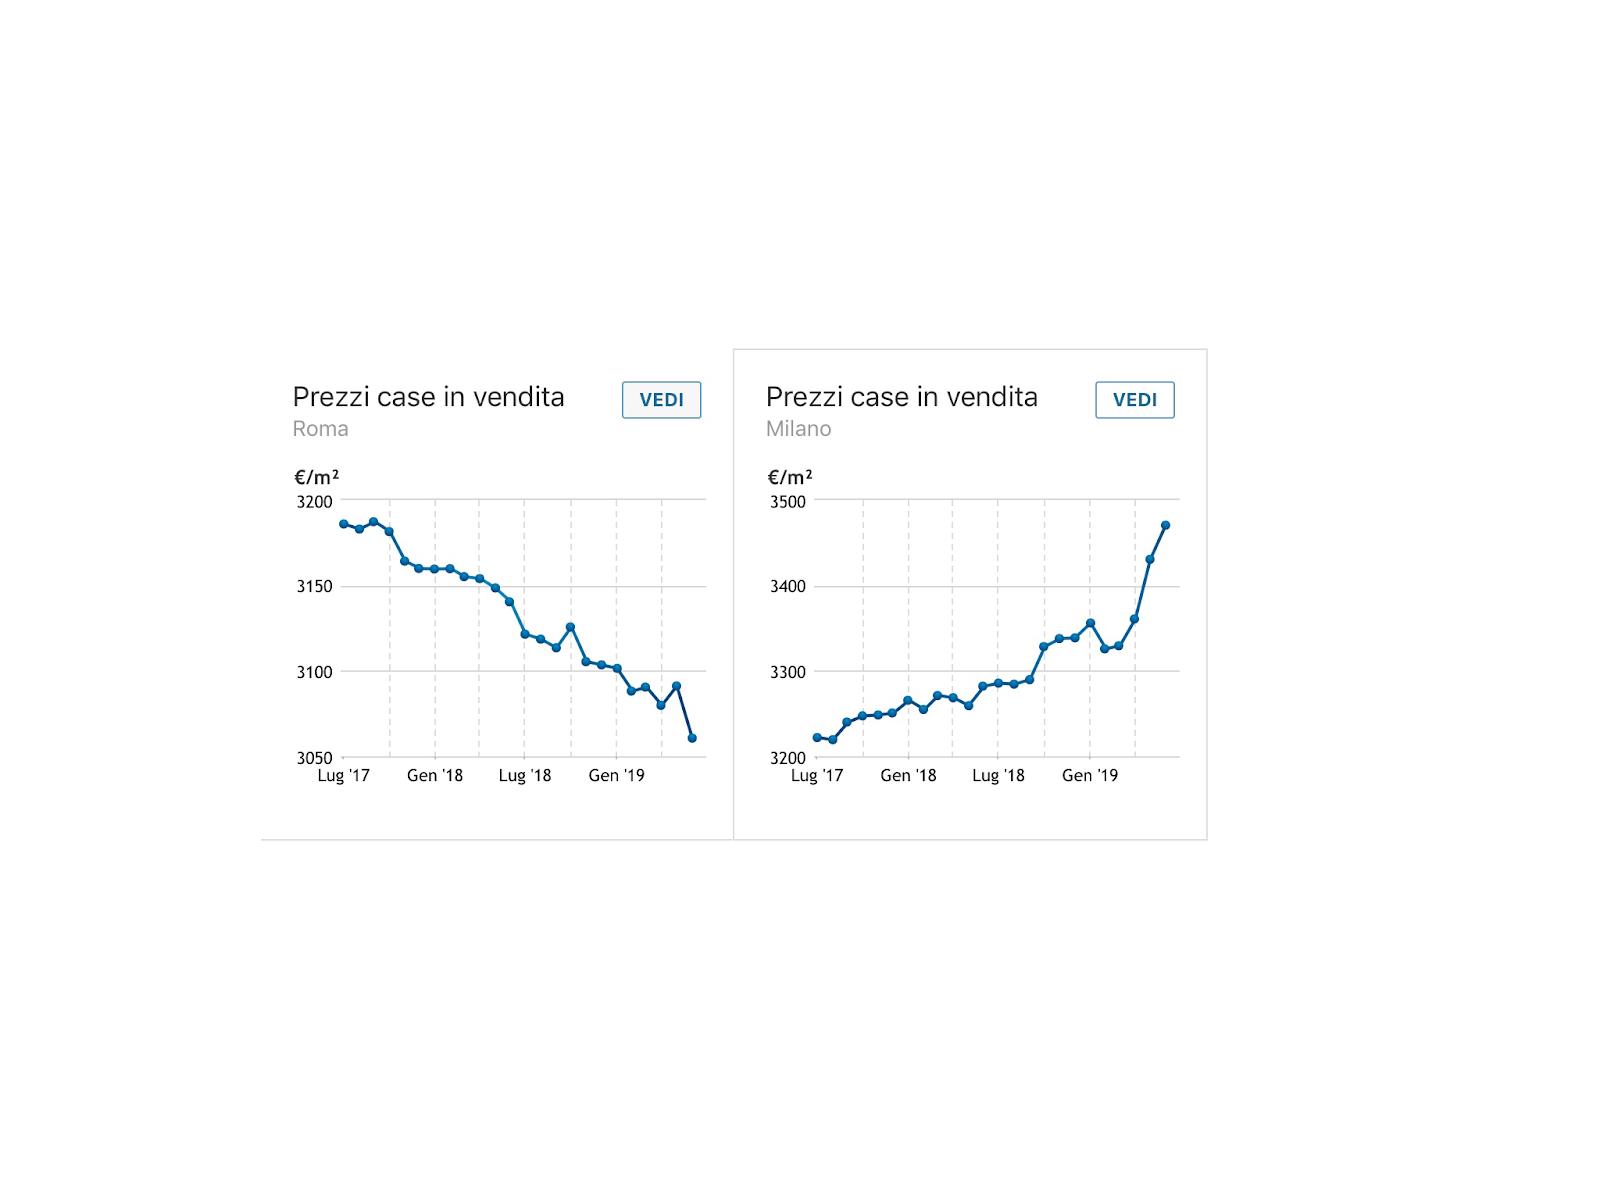 Mercato immobiliare a Roma. Dati clamorosi: 22 miliardi persi in tre anni di Raggi